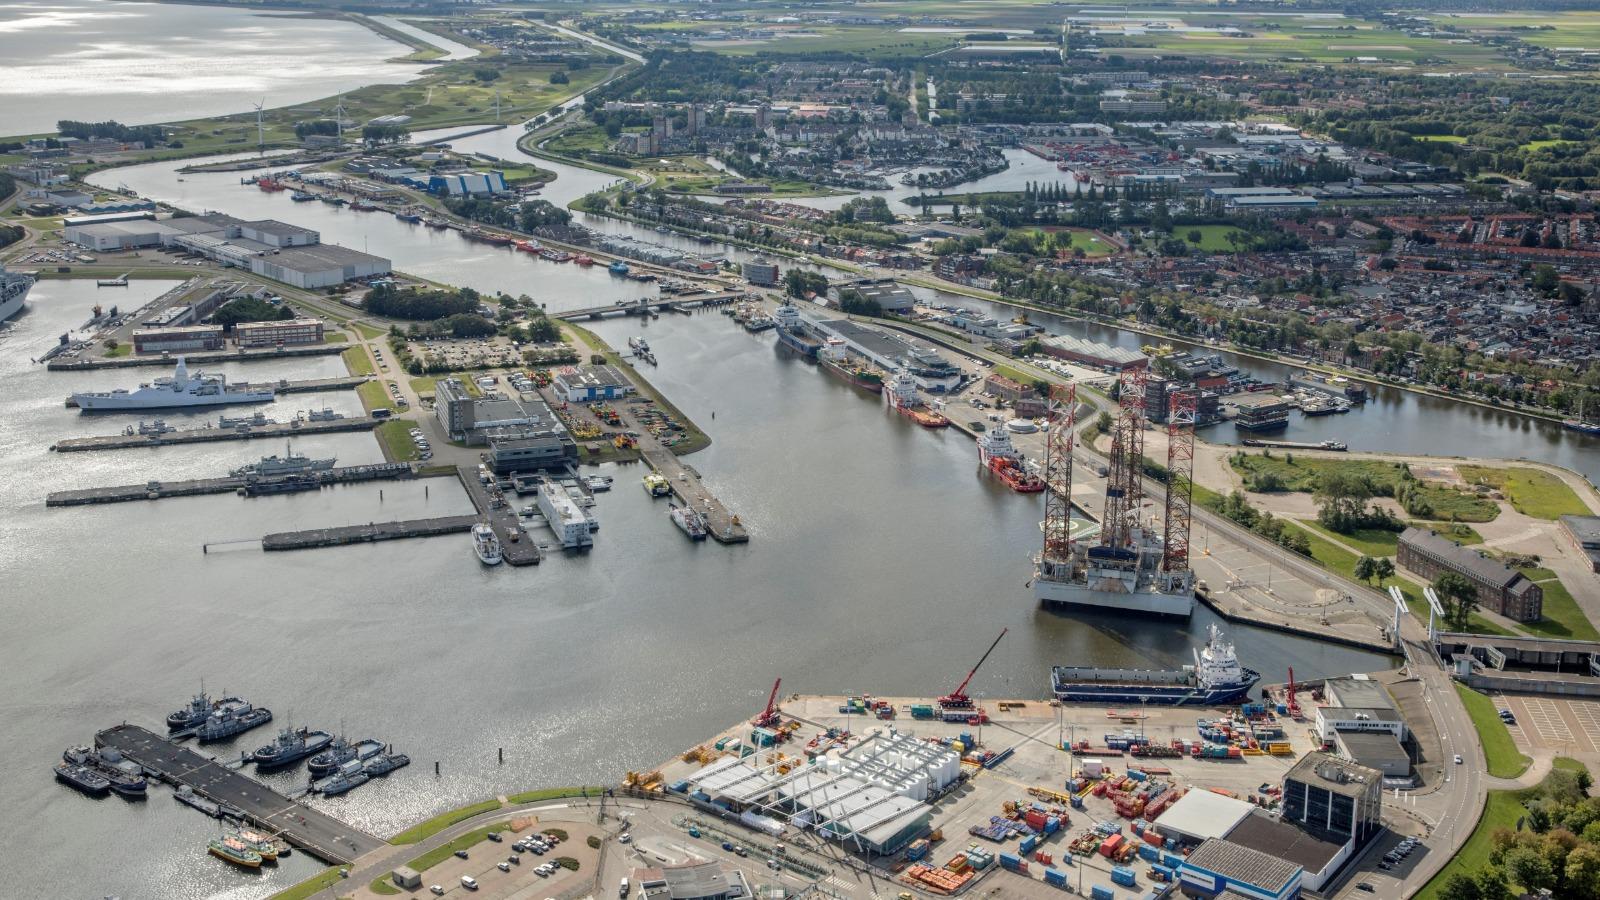 De haven van Den Helder is nu met een omweg toch bereikbaar voor Britse vissers (Foto Port of Den Helder)